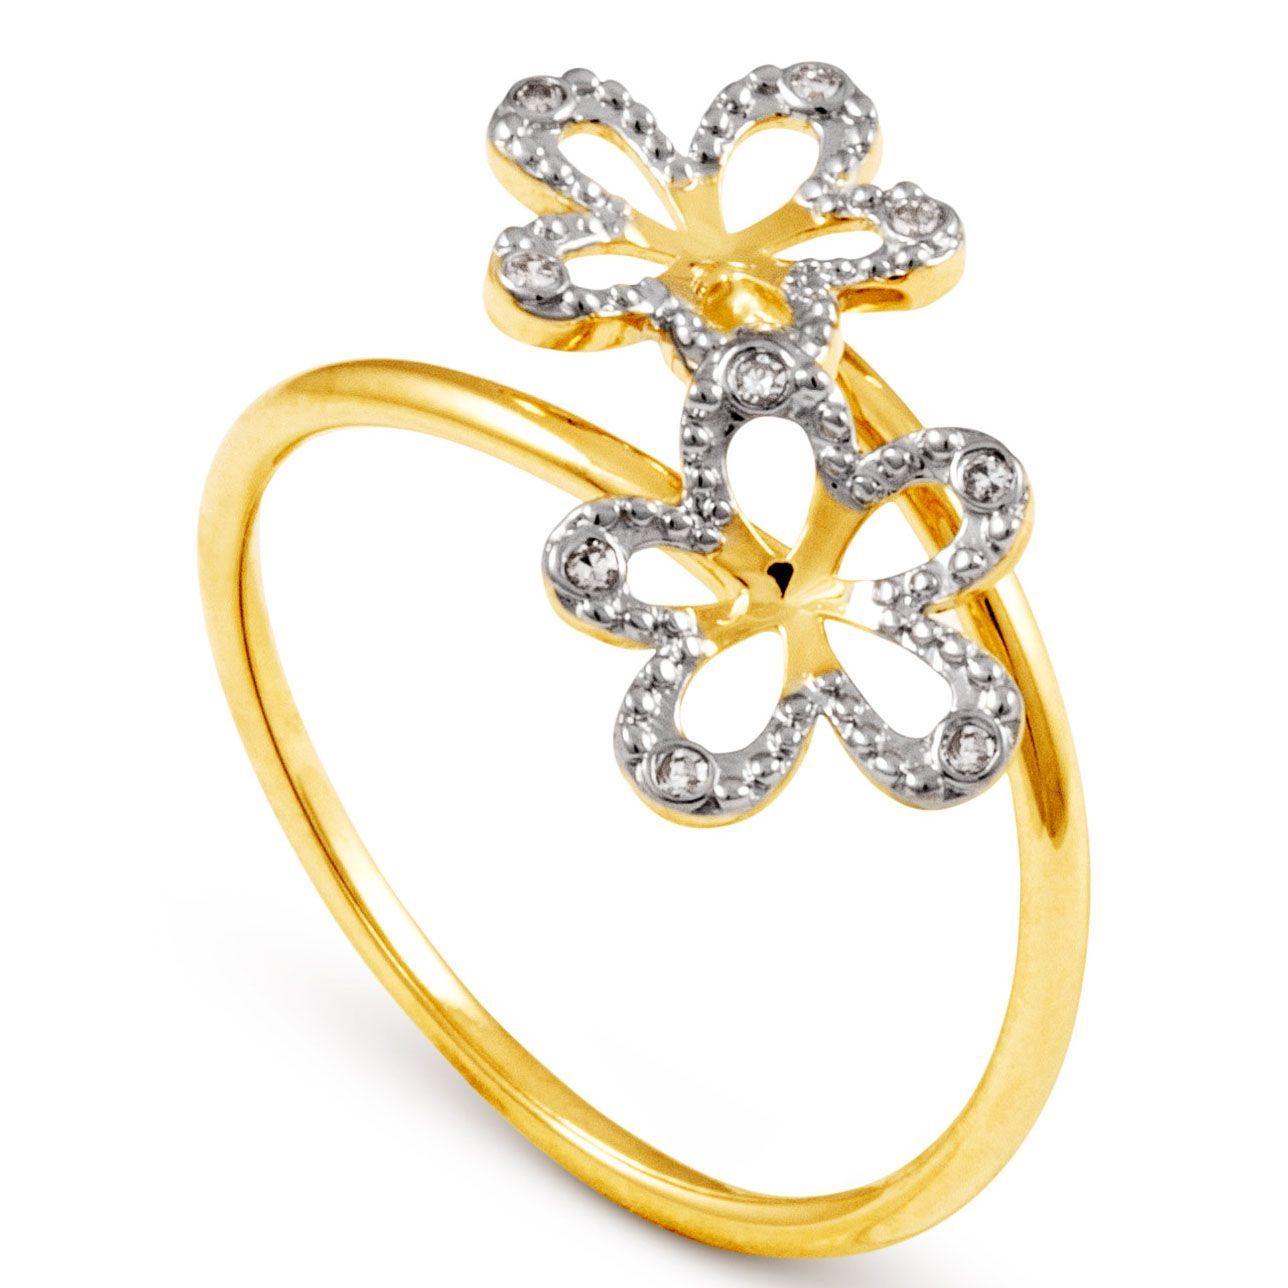 97b373dca90c8 Anel Flor Em Ouro Branco e Amarelo 18k Com 5 Pontos de Diamante